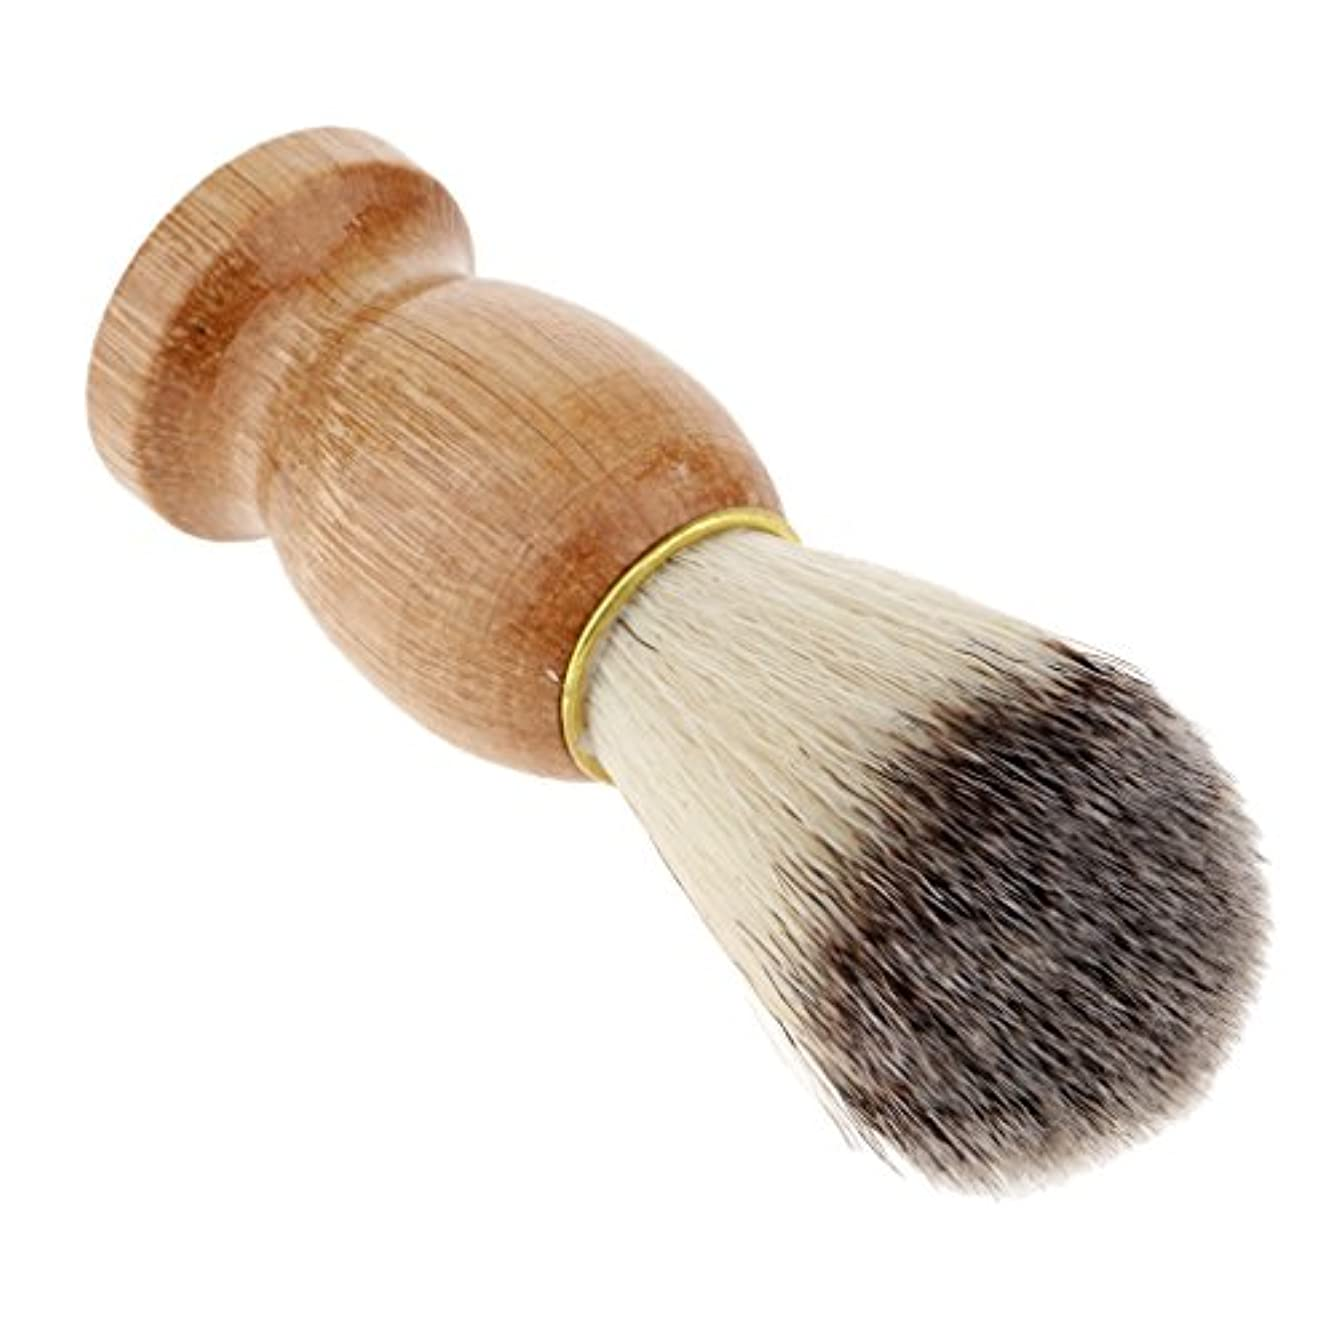 トムオードリースモニカきらめき人のための専門の木製の剃るブラシ、良質の木の剃毛用具